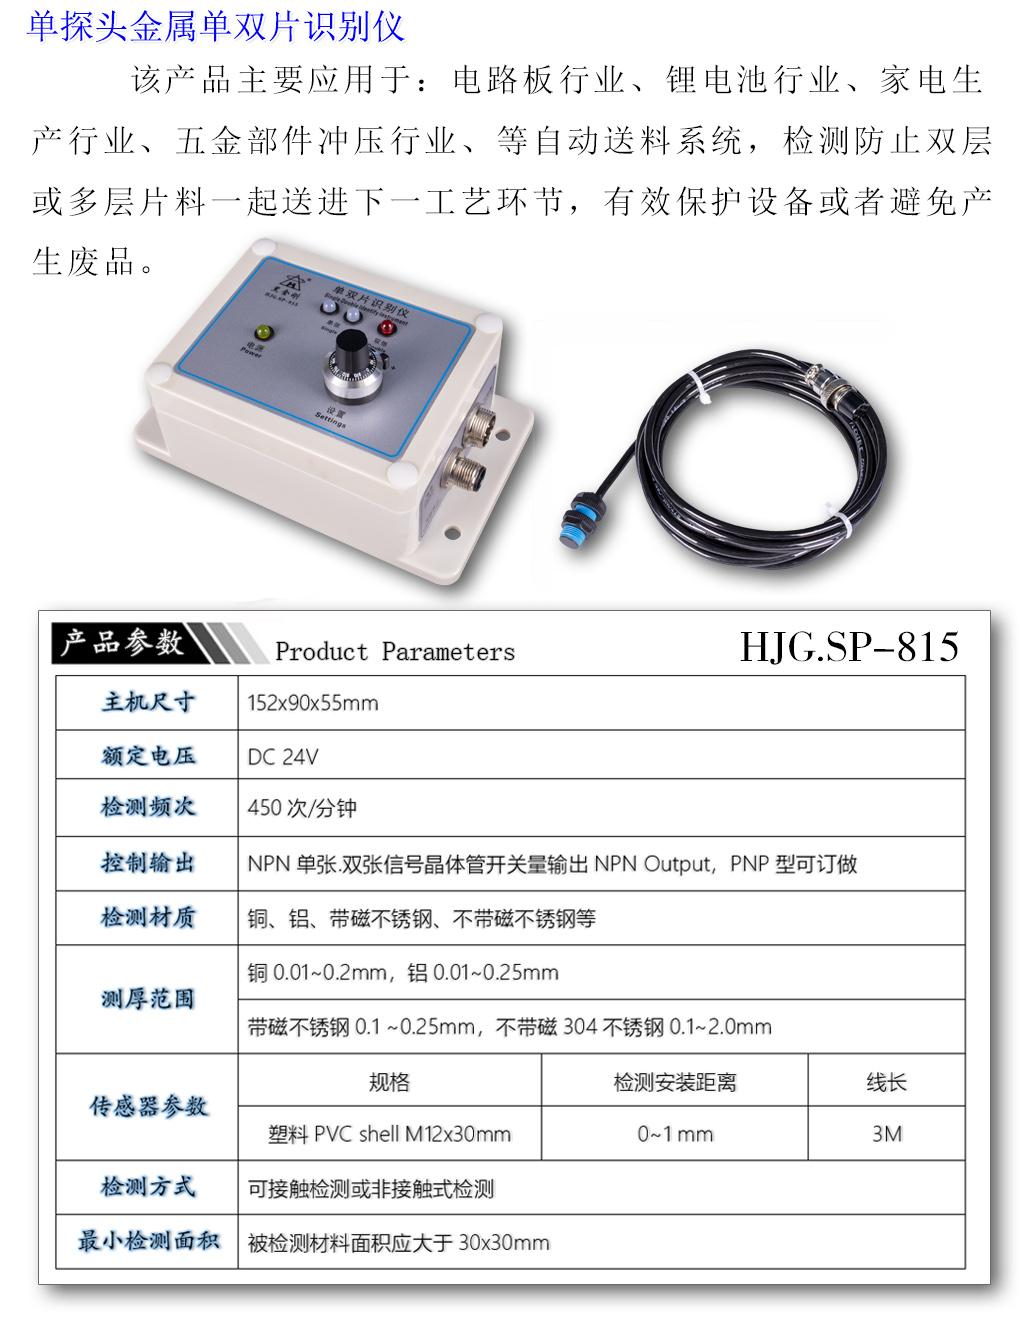 SP-815产品参数